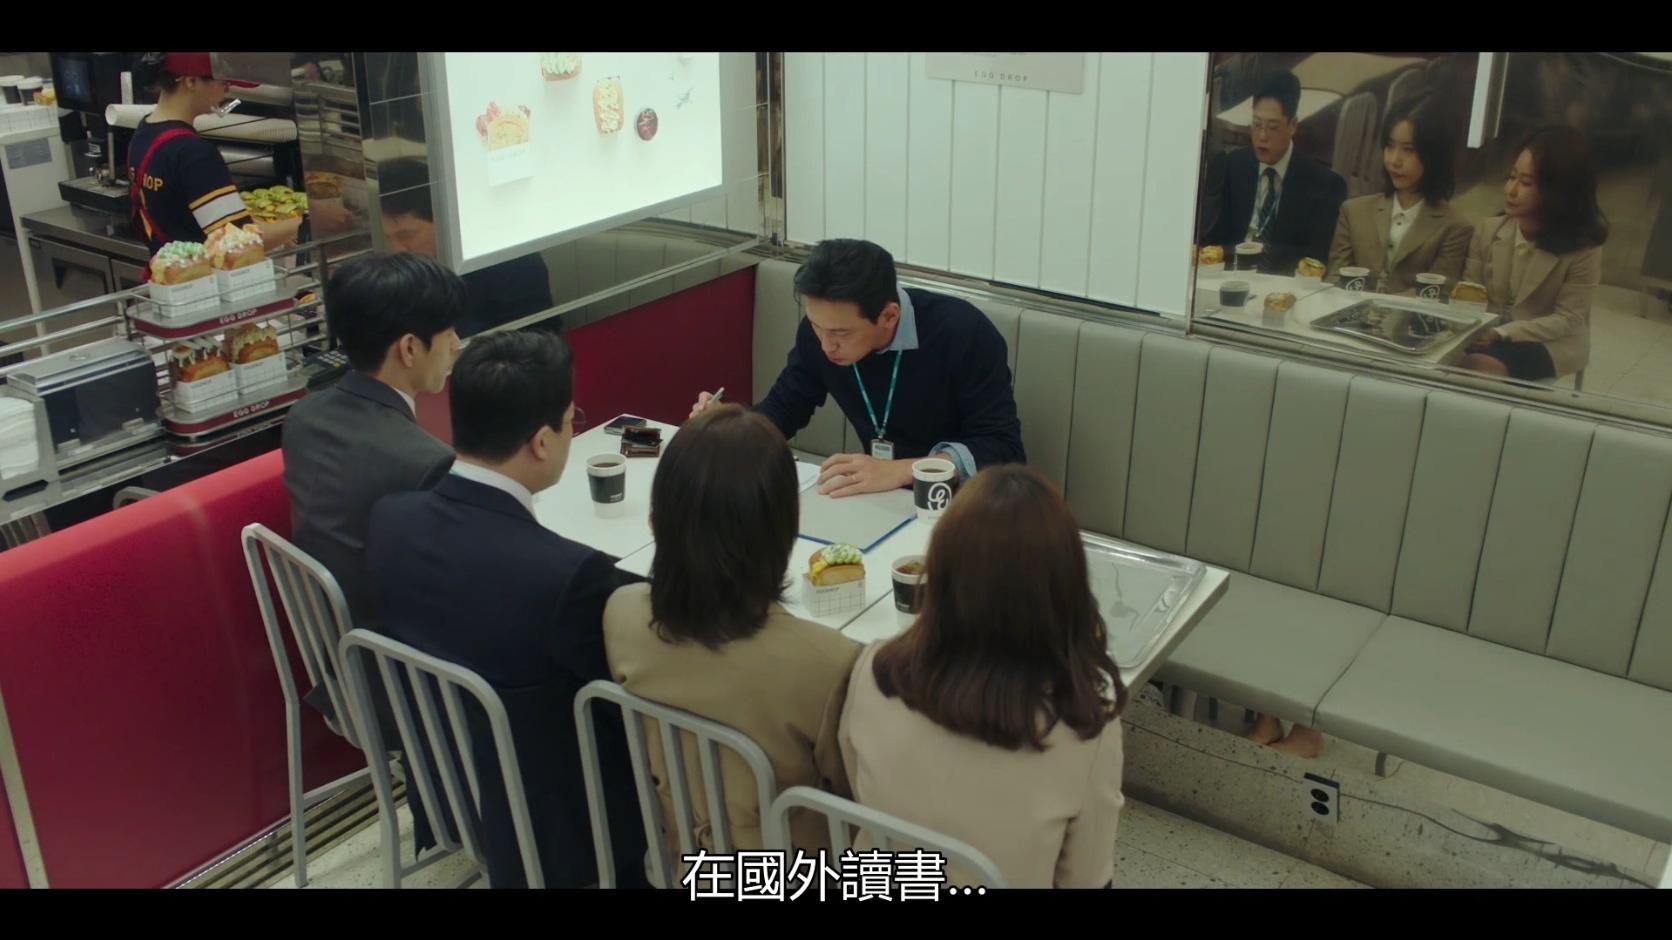 新剧《嘘》与影帝黄政民合作,林允儿演技大进步,哭戏获观众好评插图3